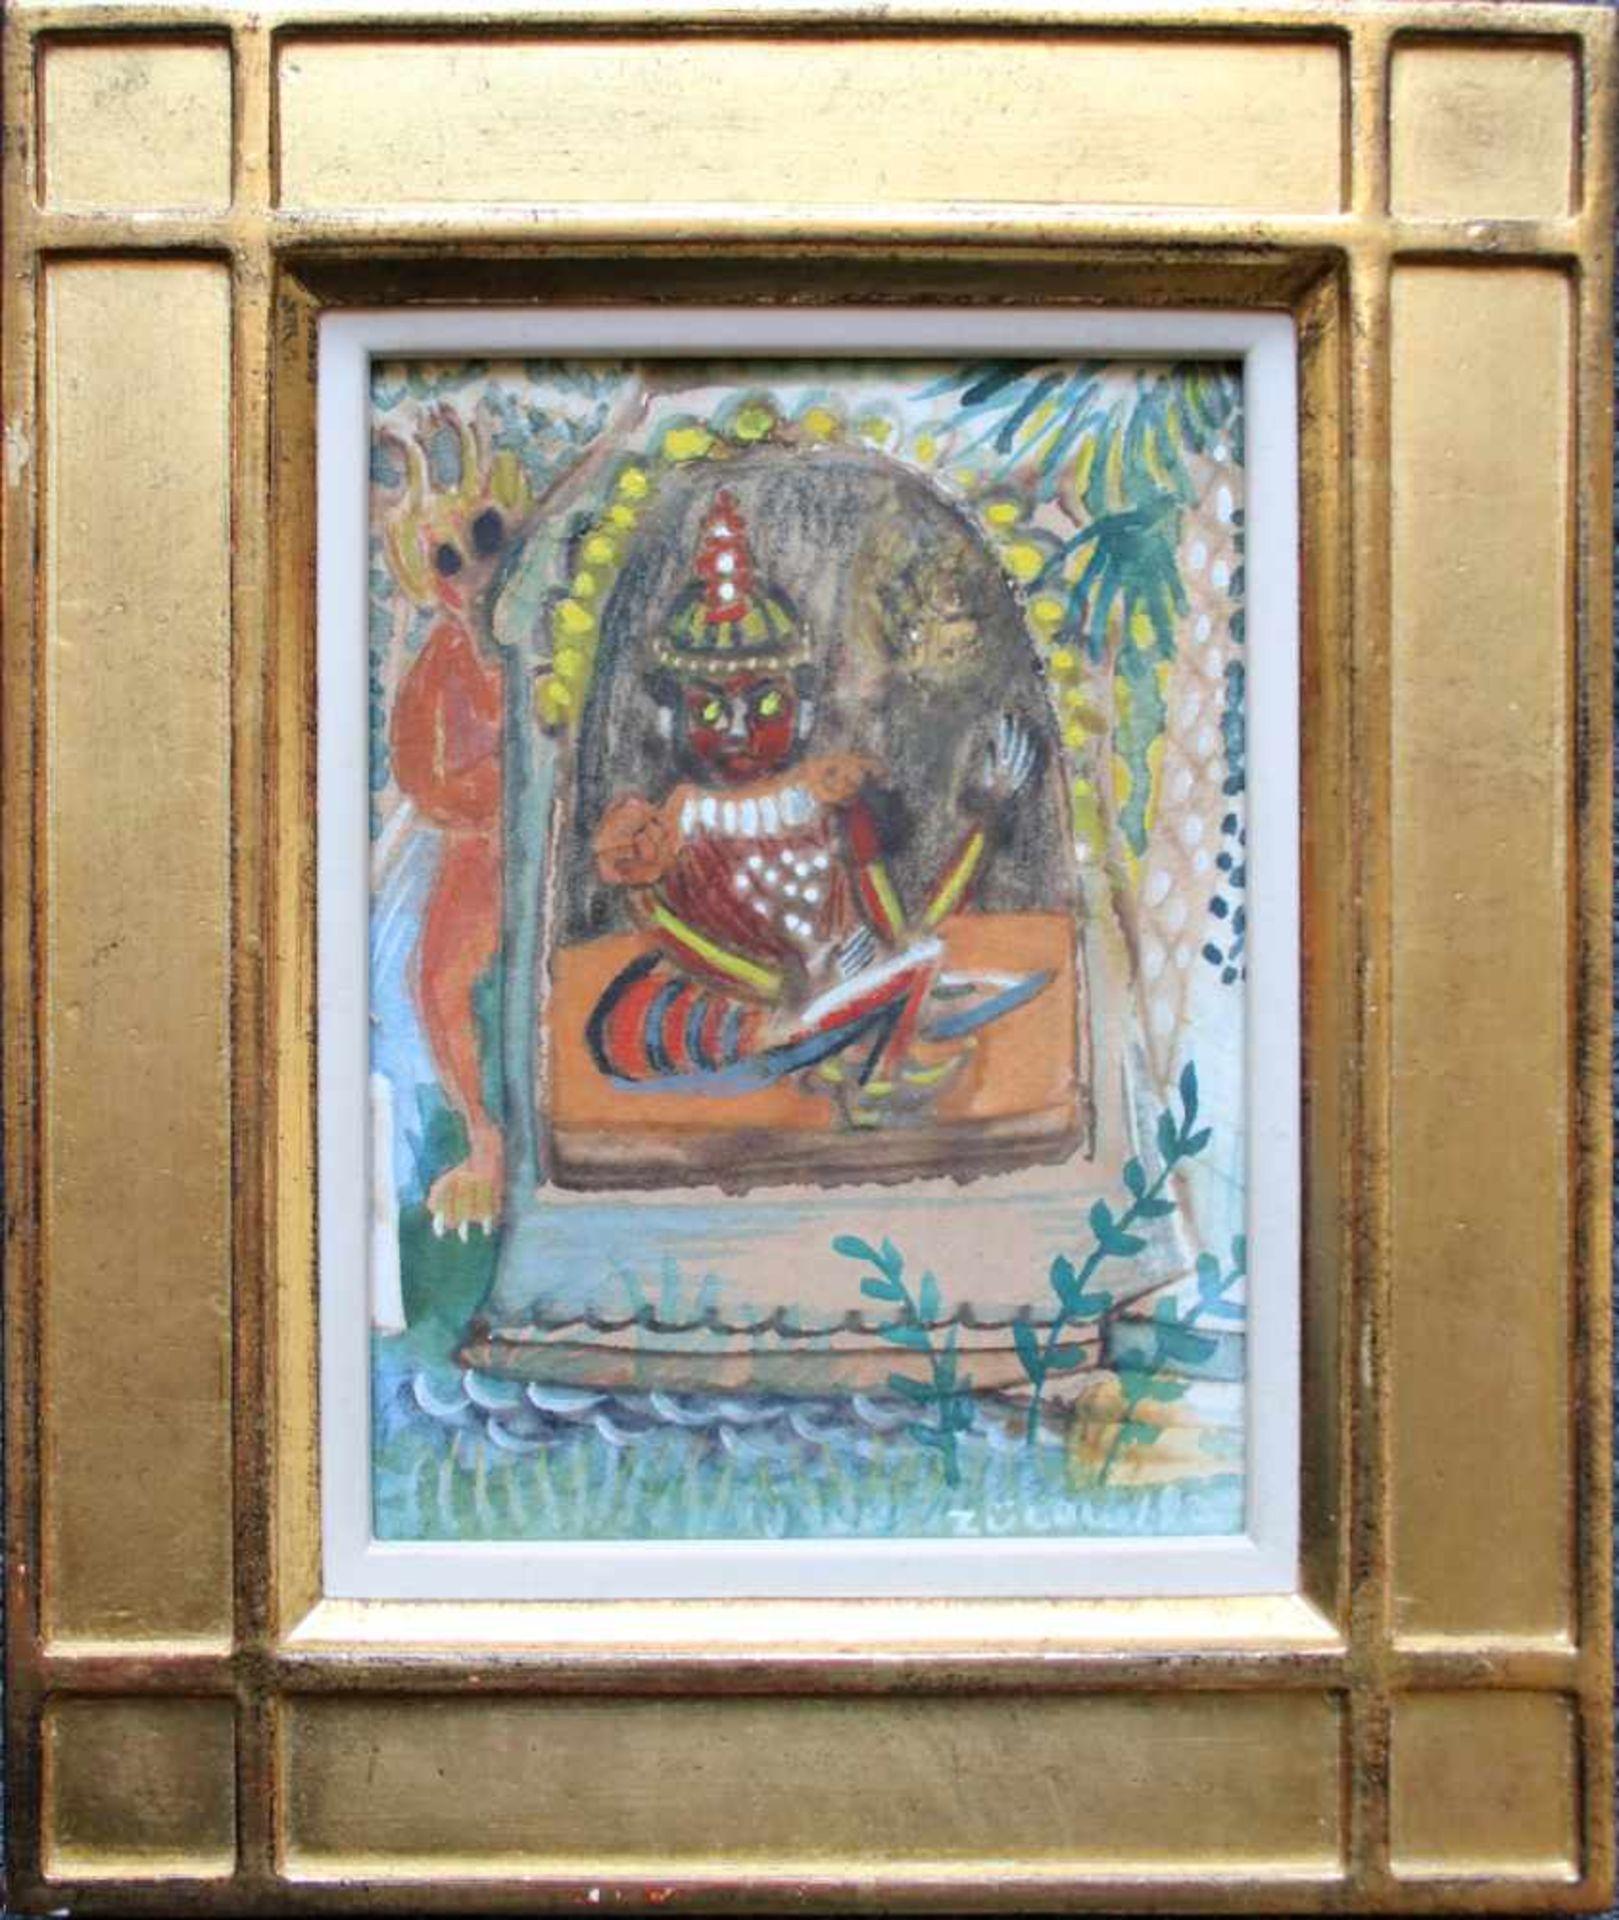 Franz von Zülow (1883 - 1963) Inder 1920 Mischtechnik auf Papier Signiert und datiert 16,5 x 12,5